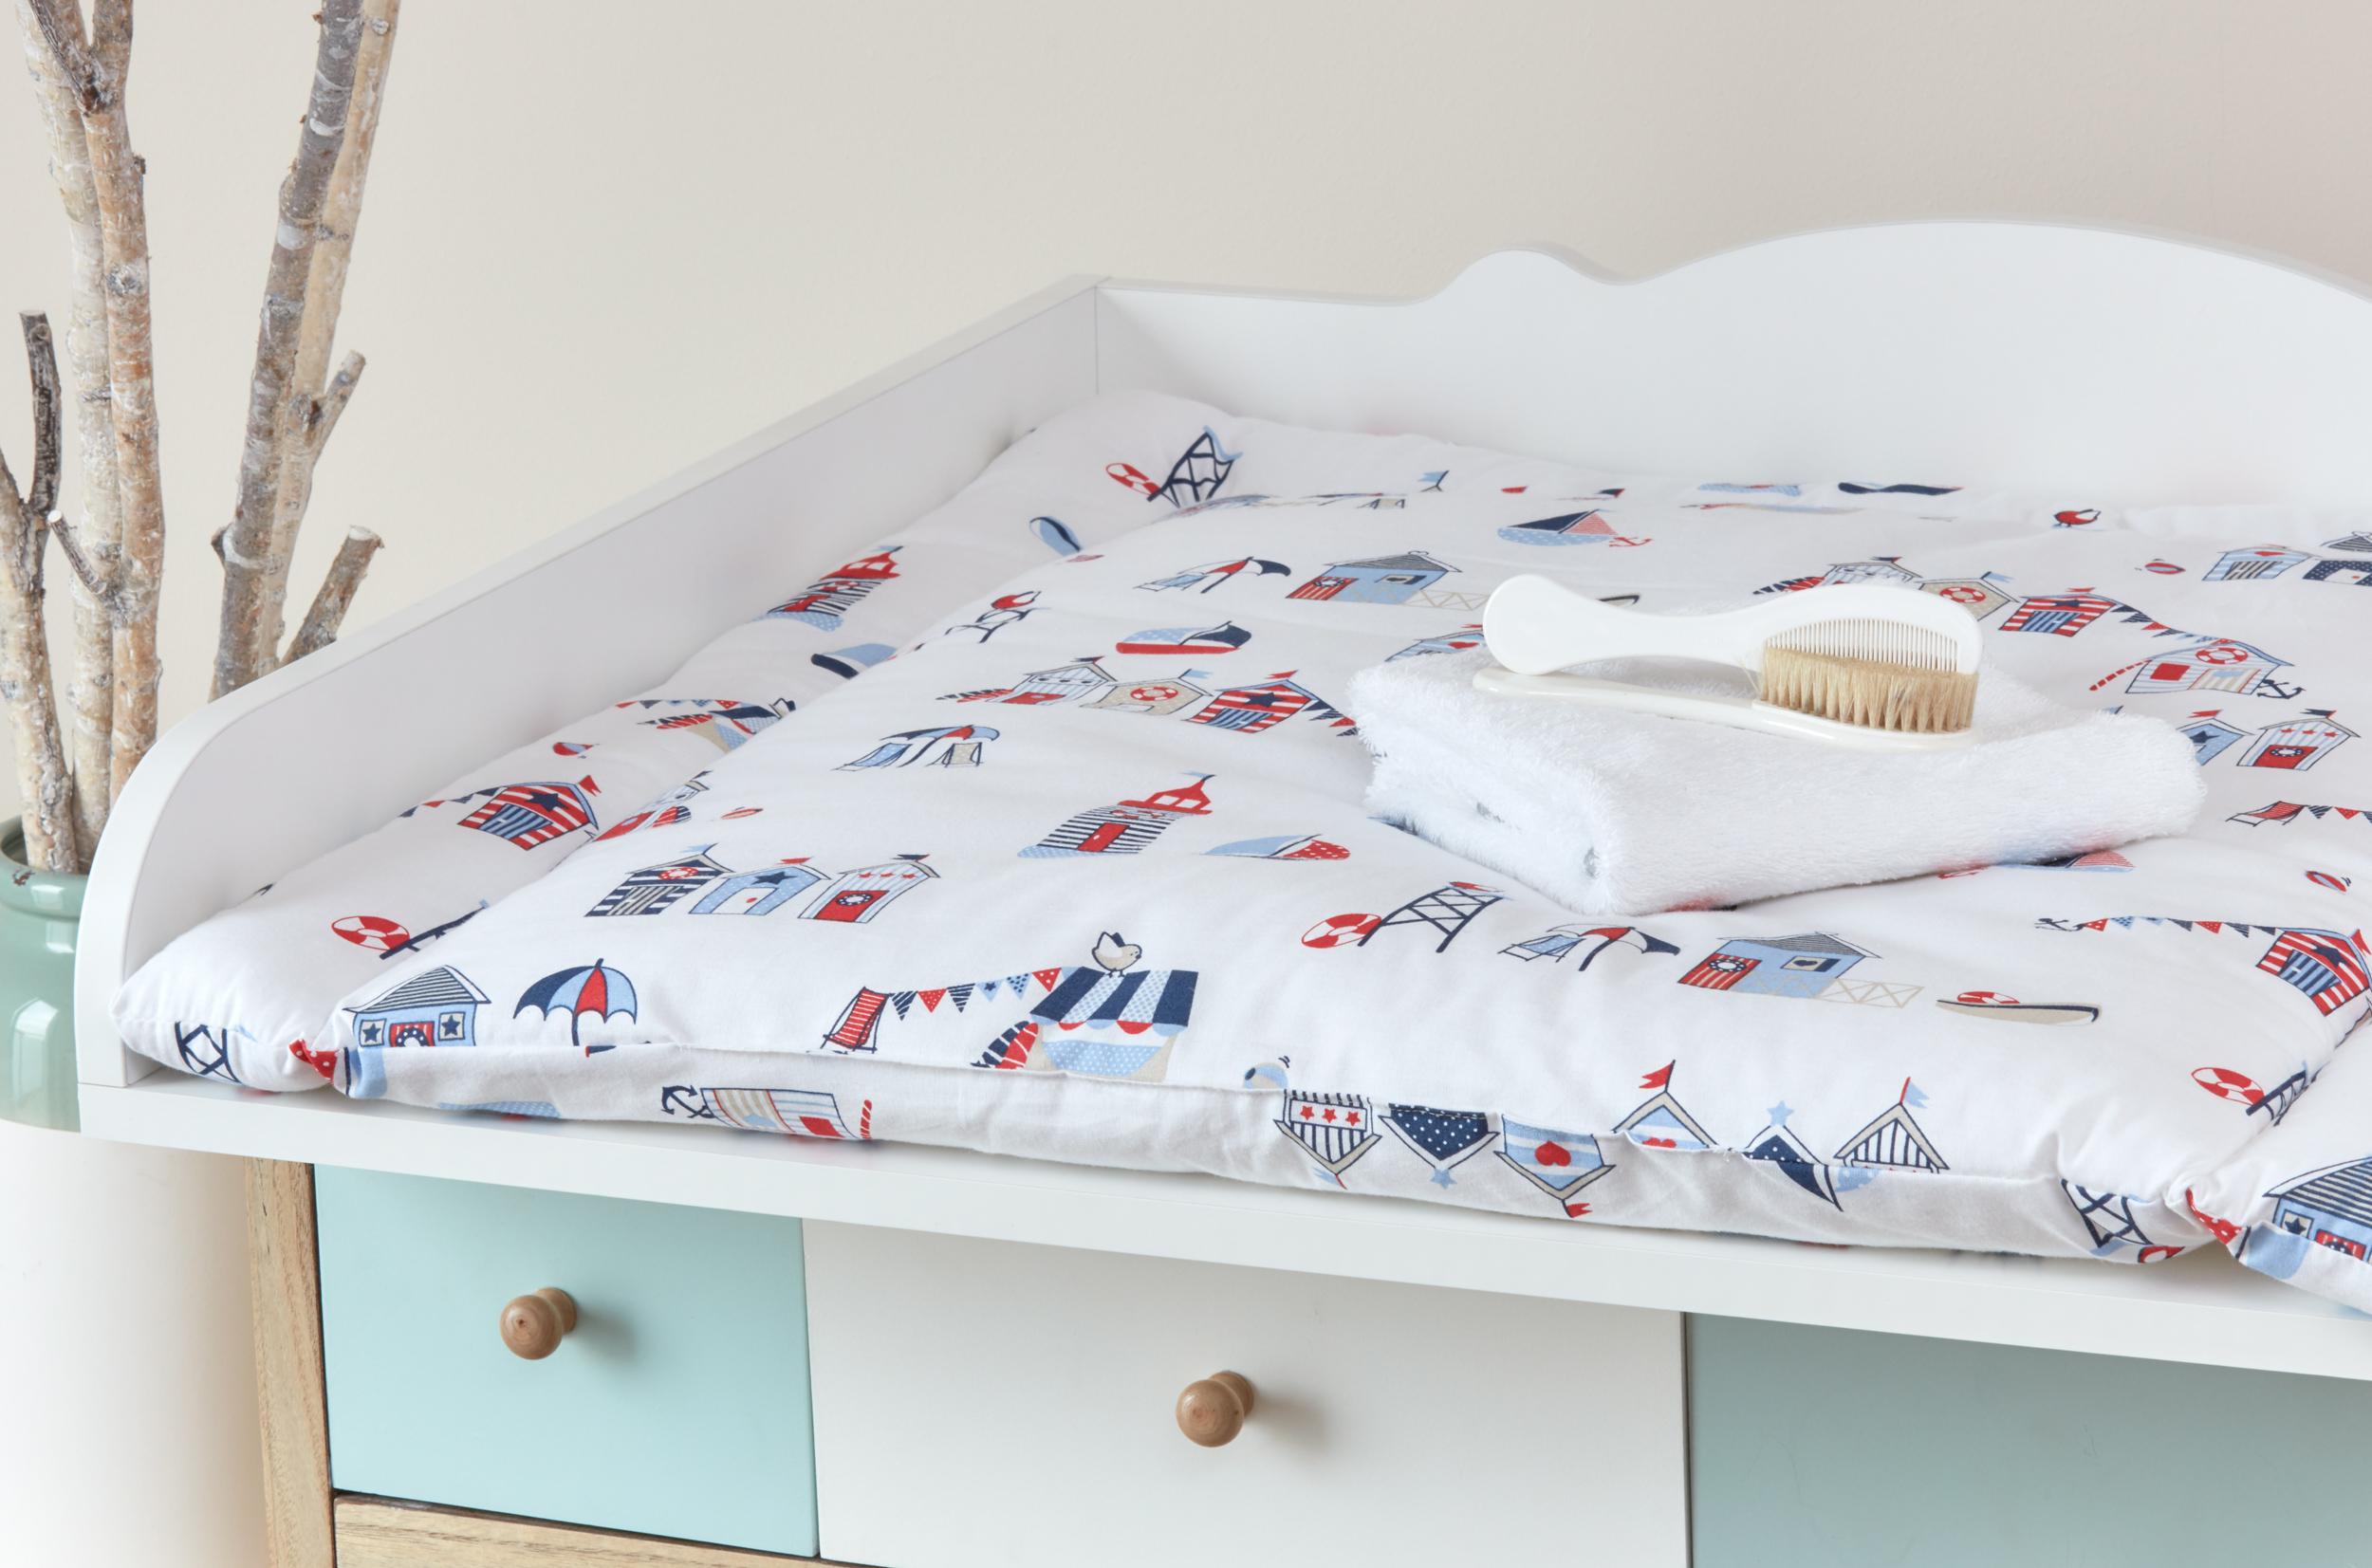 kraftkids wickelauflage strandh uschen 85 cm breit x 75 cm tief. Black Bedroom Furniture Sets. Home Design Ideas